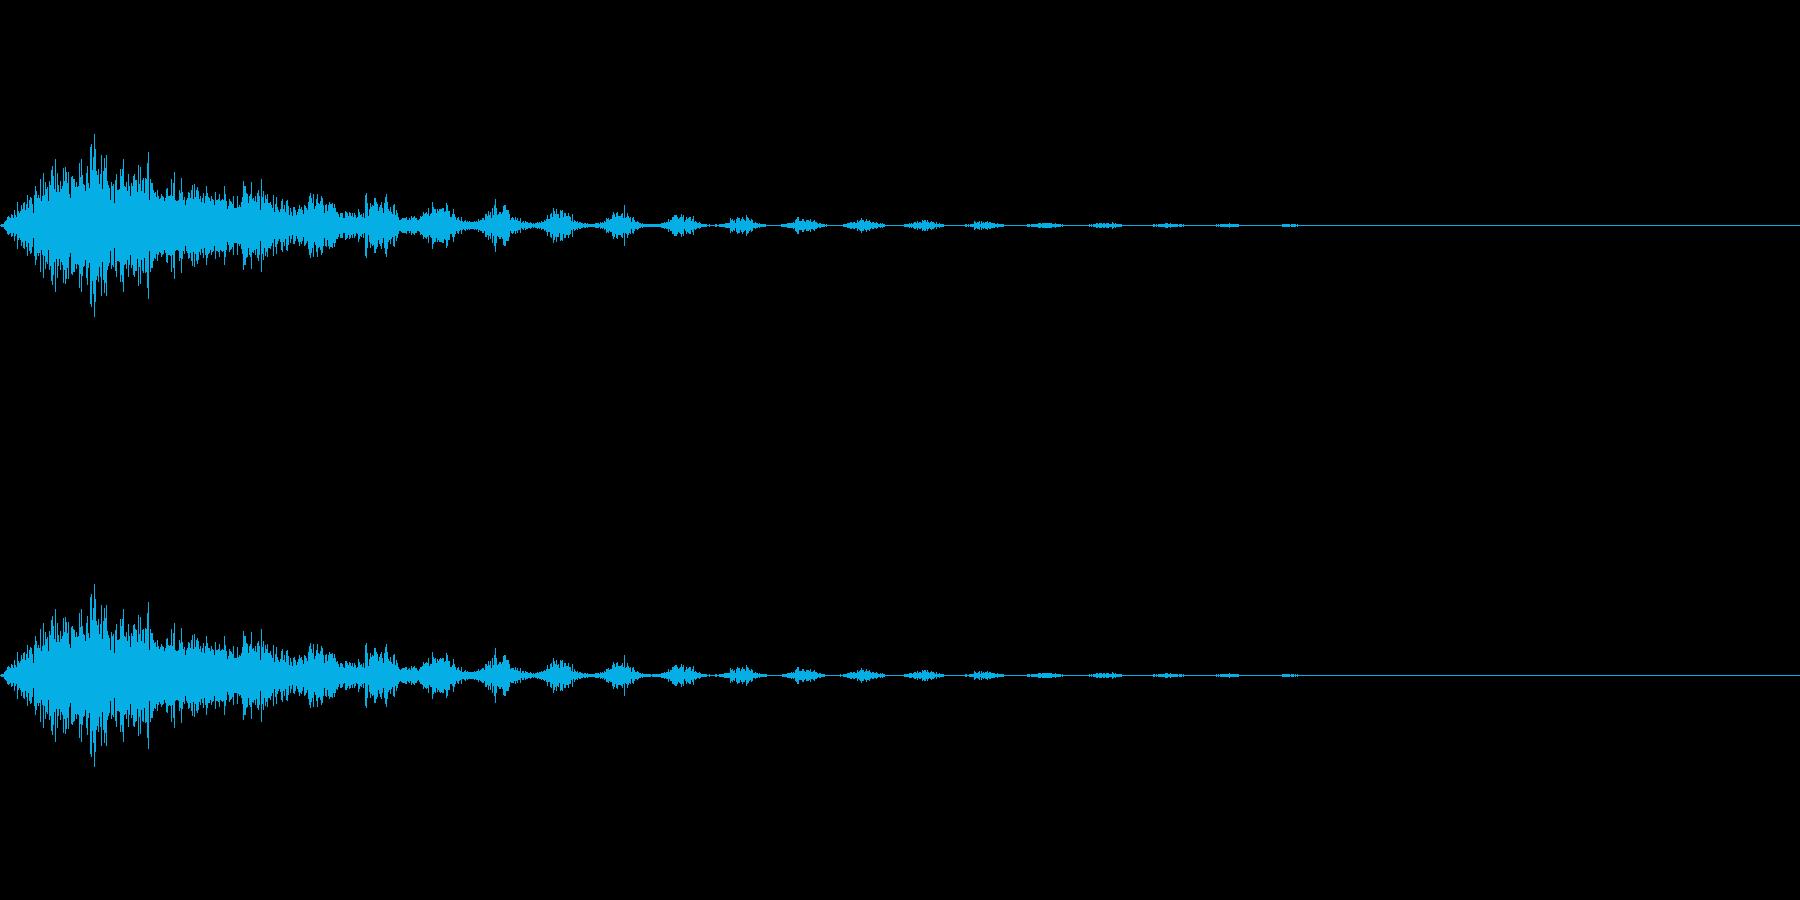 ダッシュ/移動/逃げる/コミカルの再生済みの波形